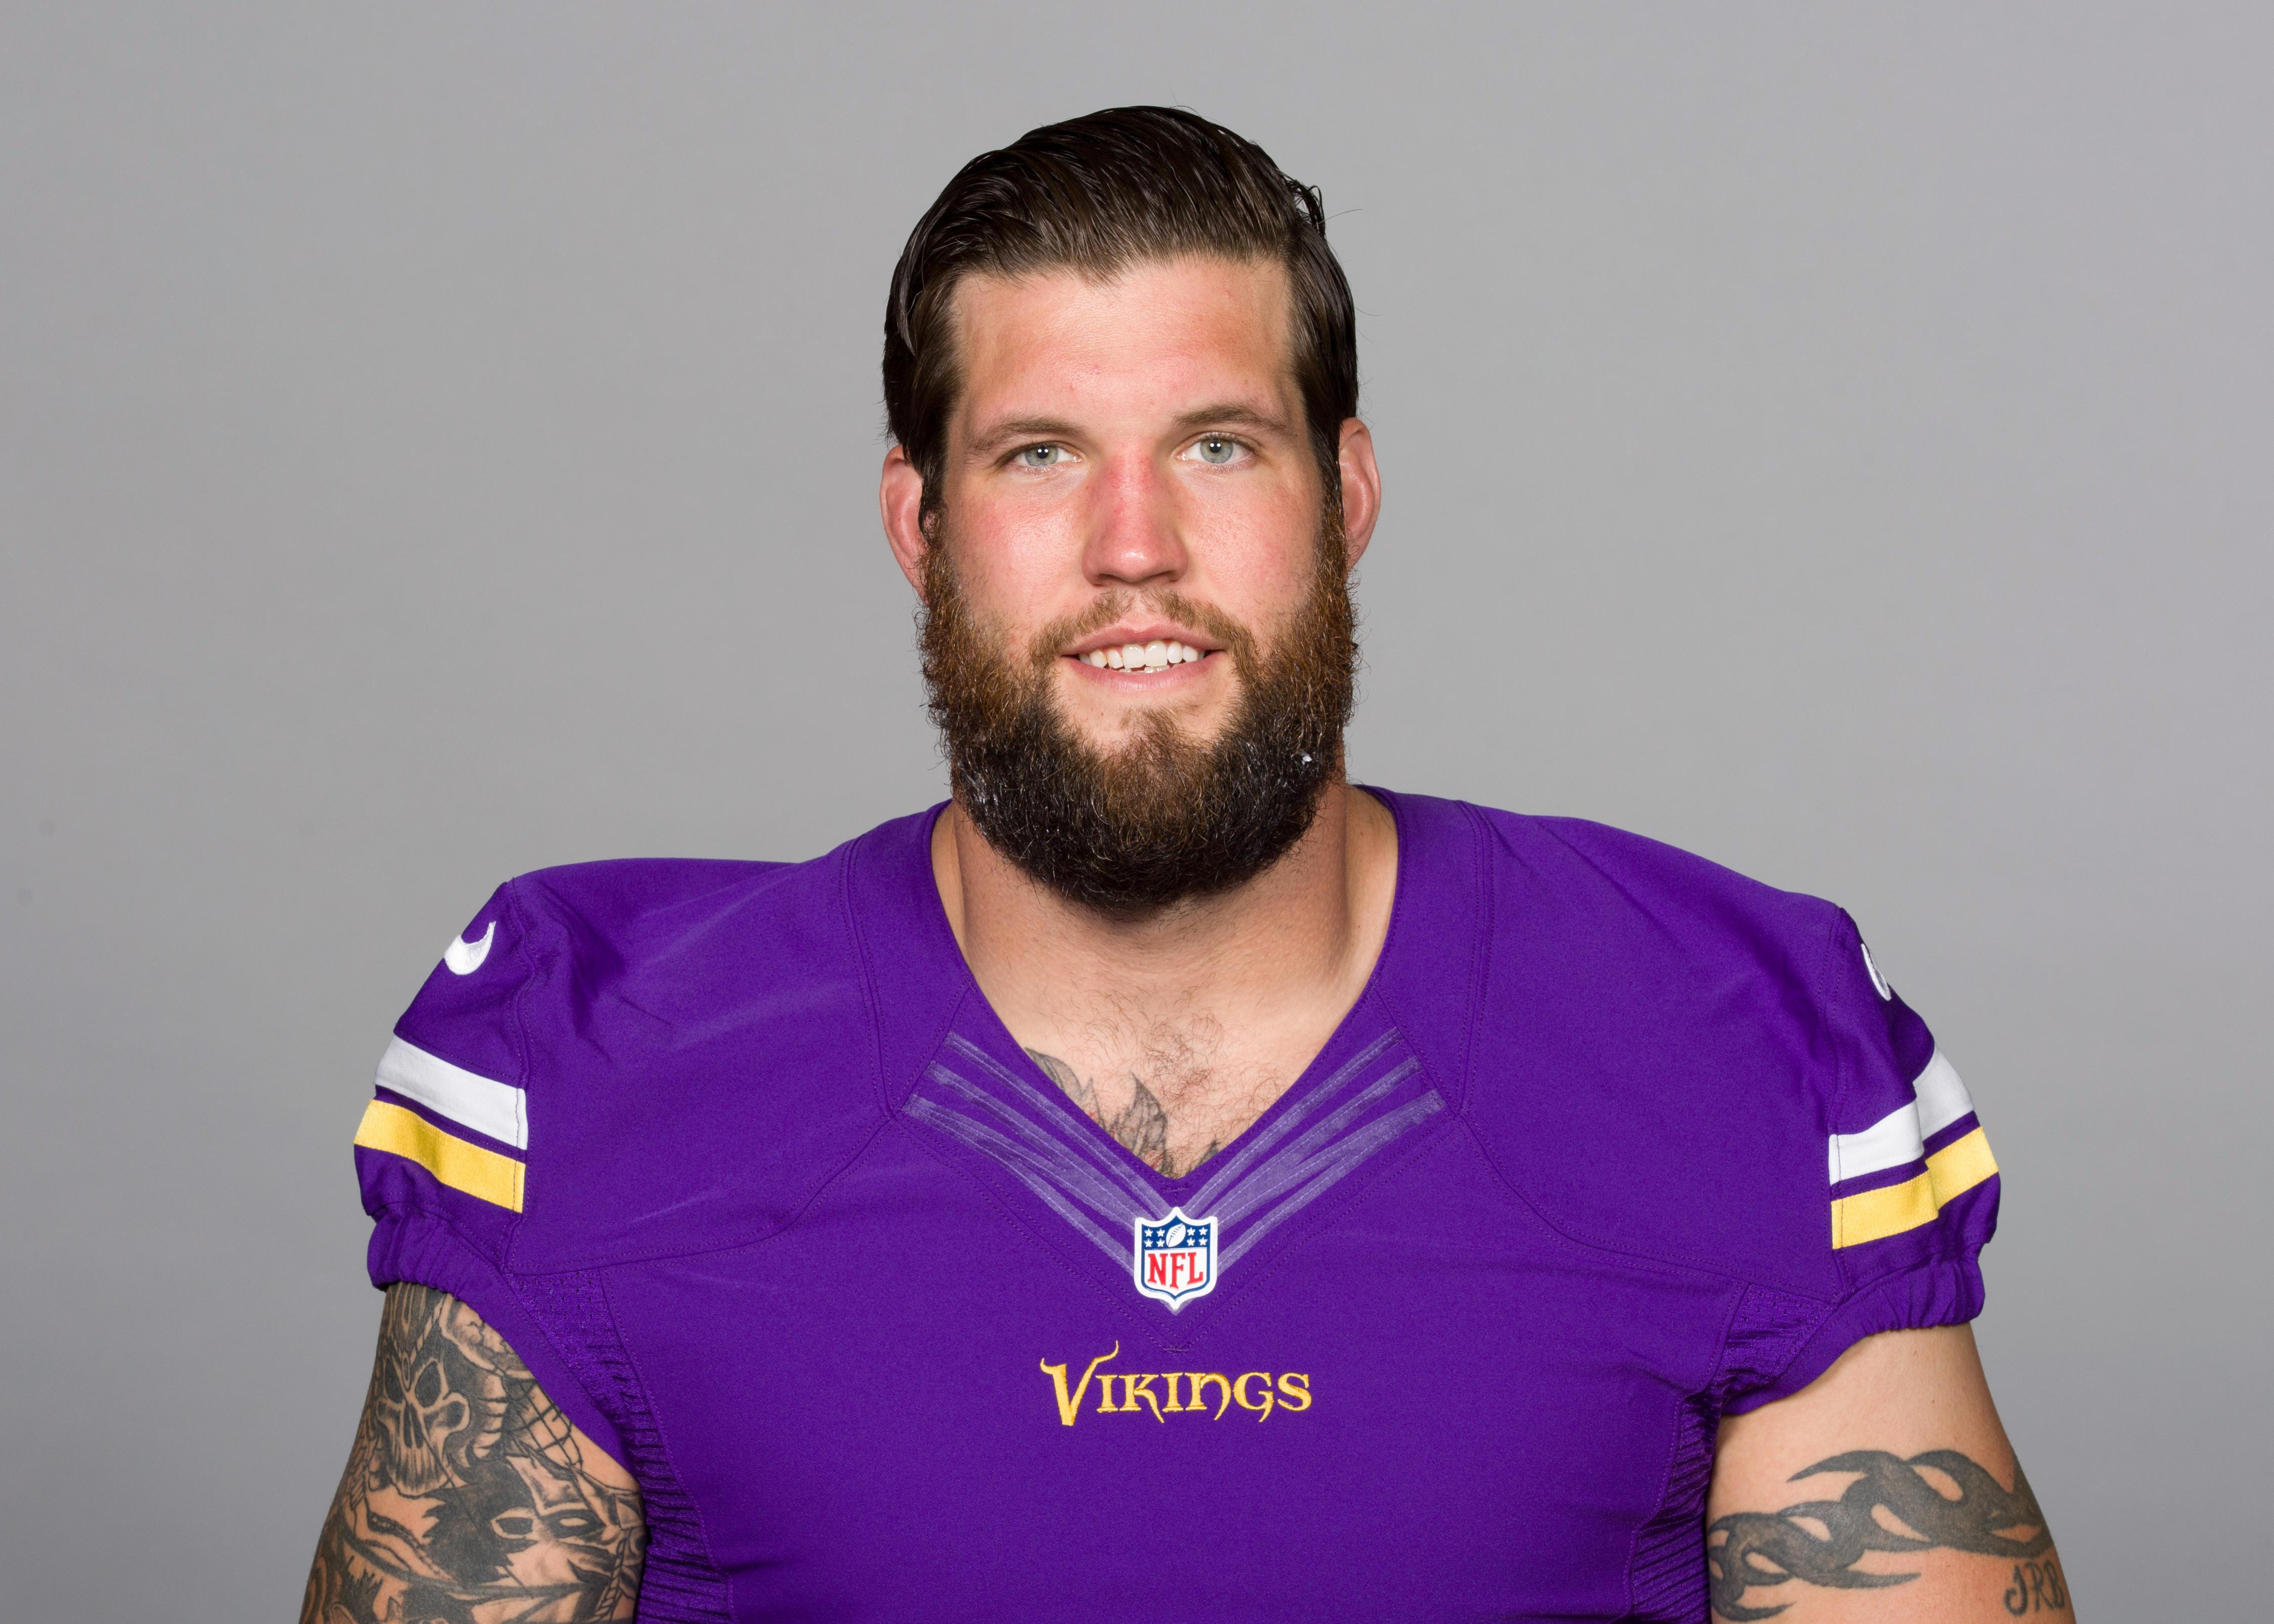 Vikings-boone_football